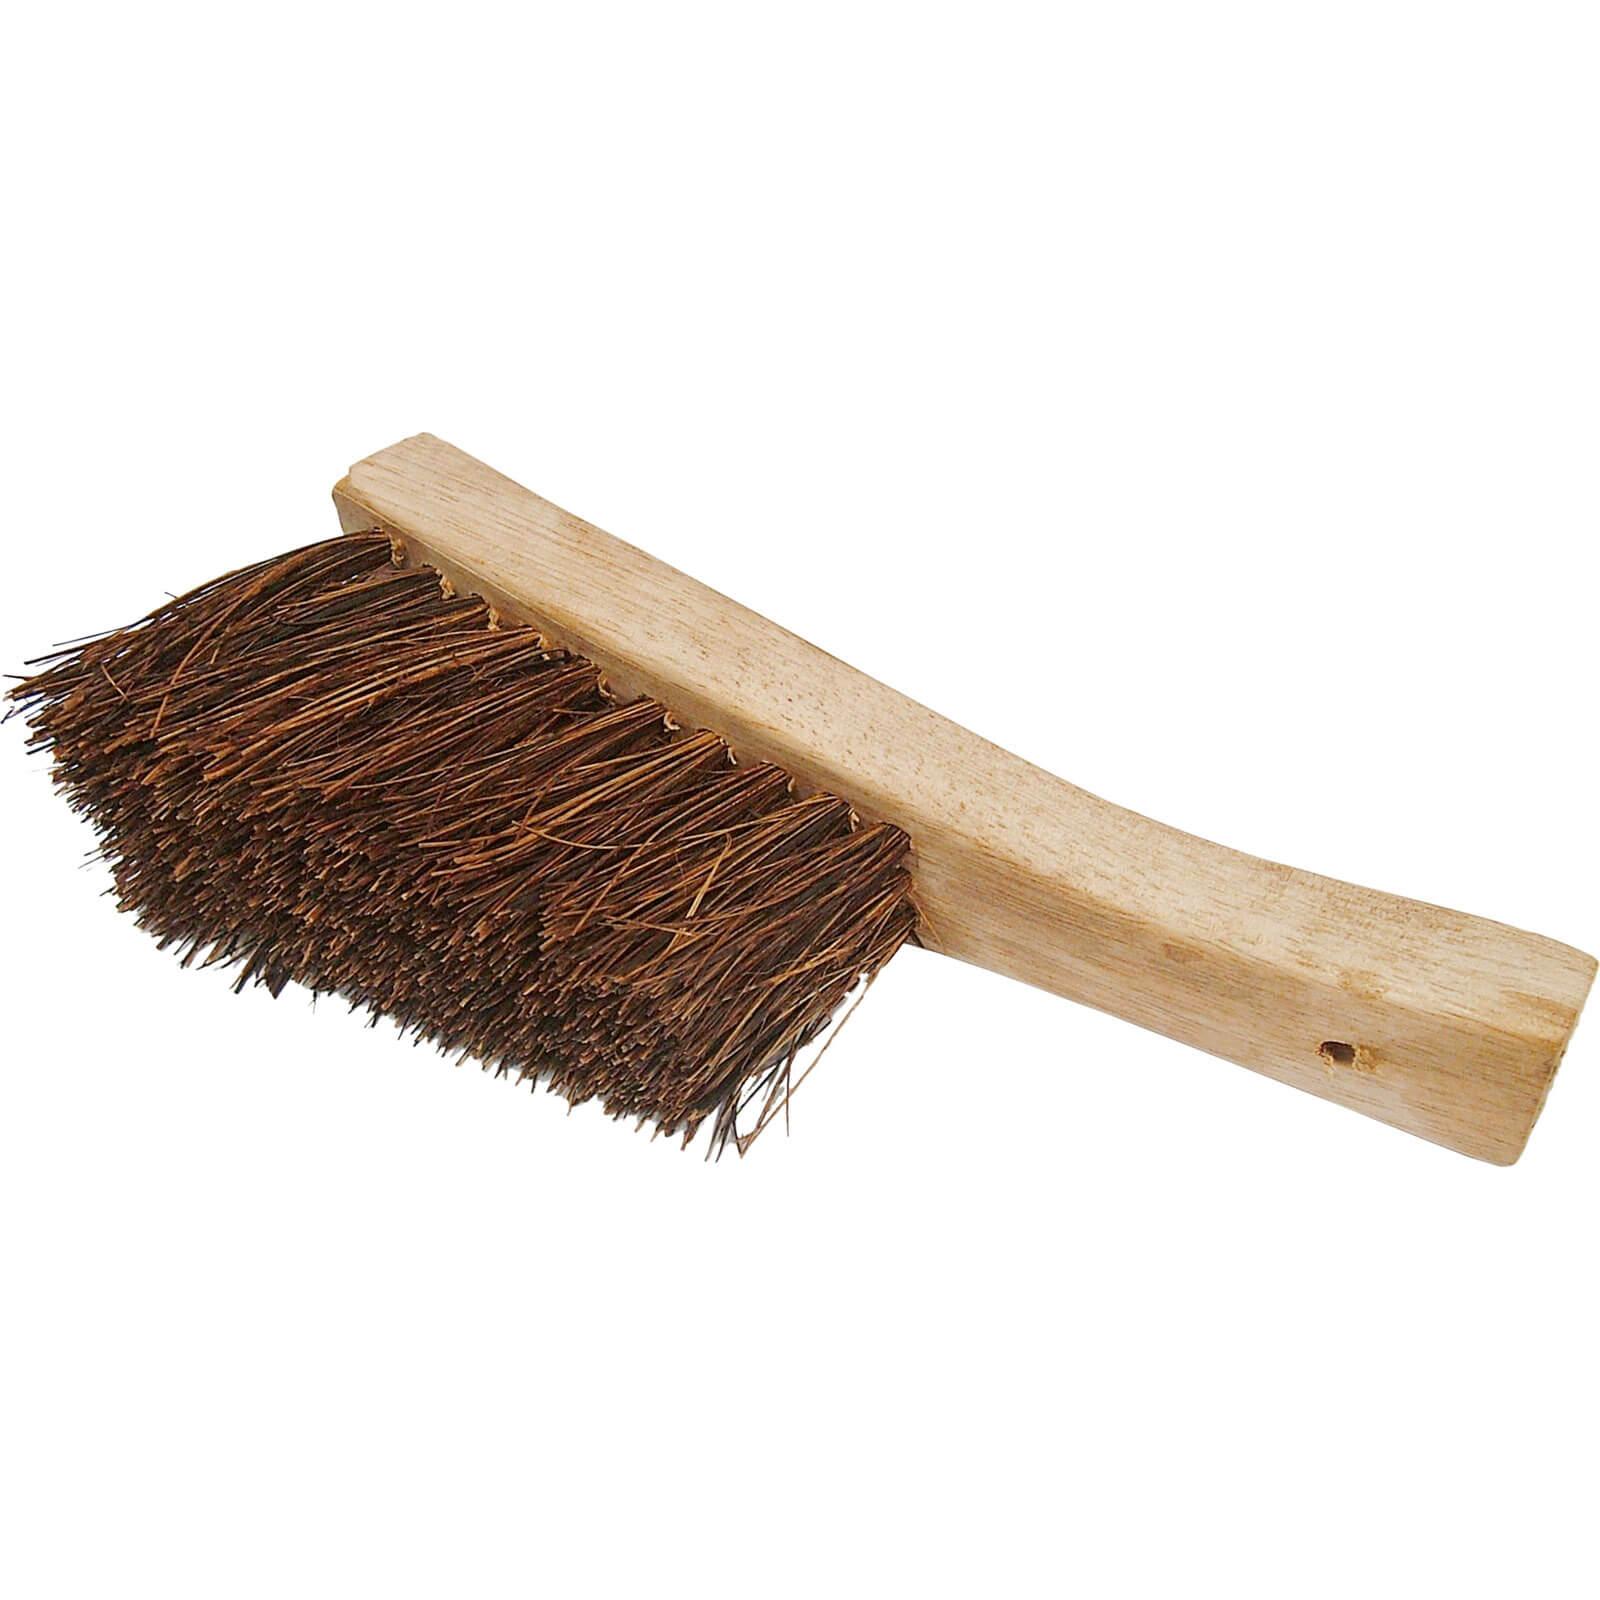 Image of Faithfull Churn Brush